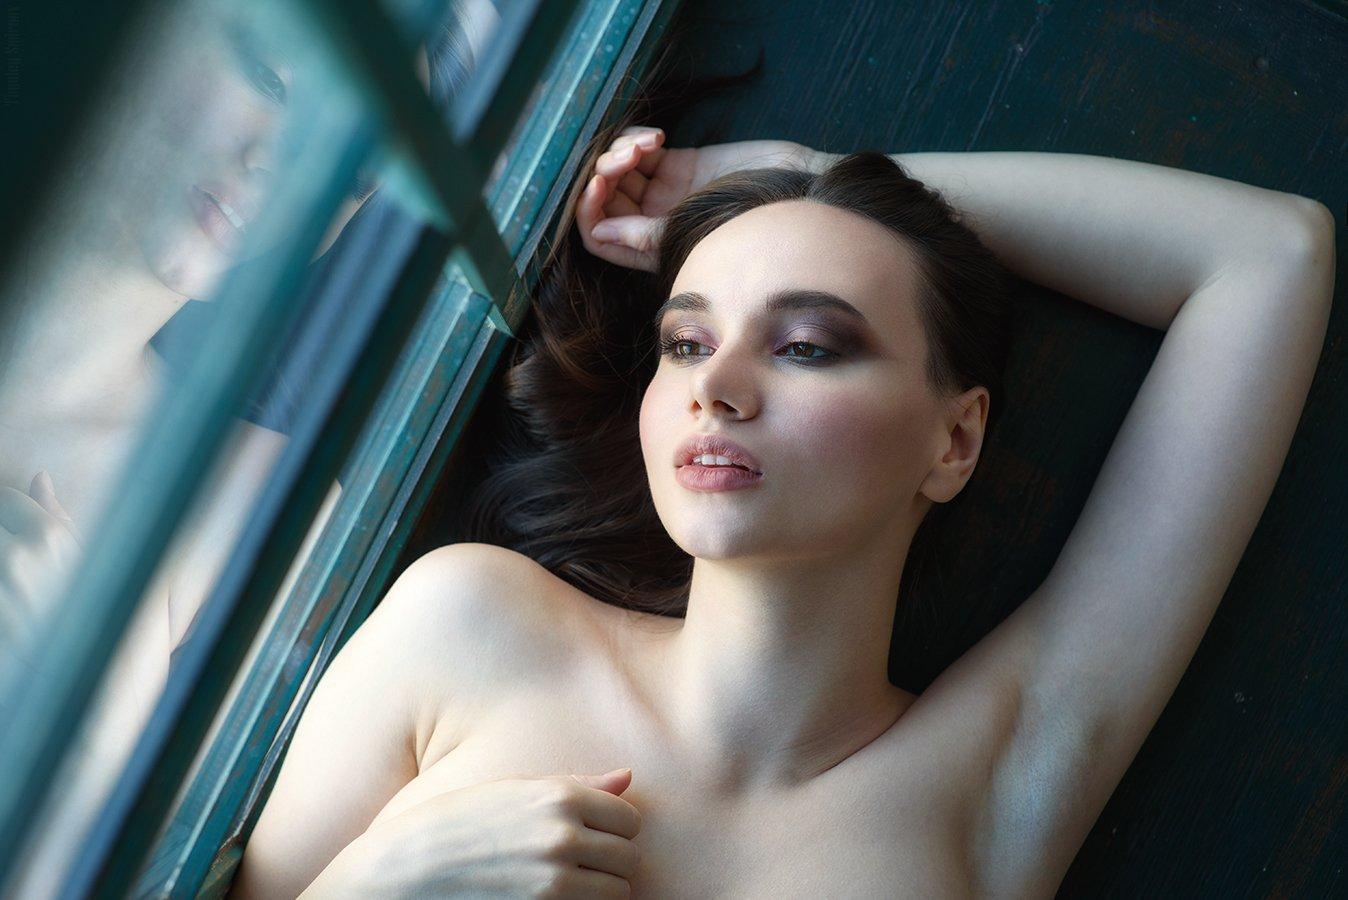 девушка, портрет, милая, cute, girl, portrait, окно, window, Тимофей Смирнов